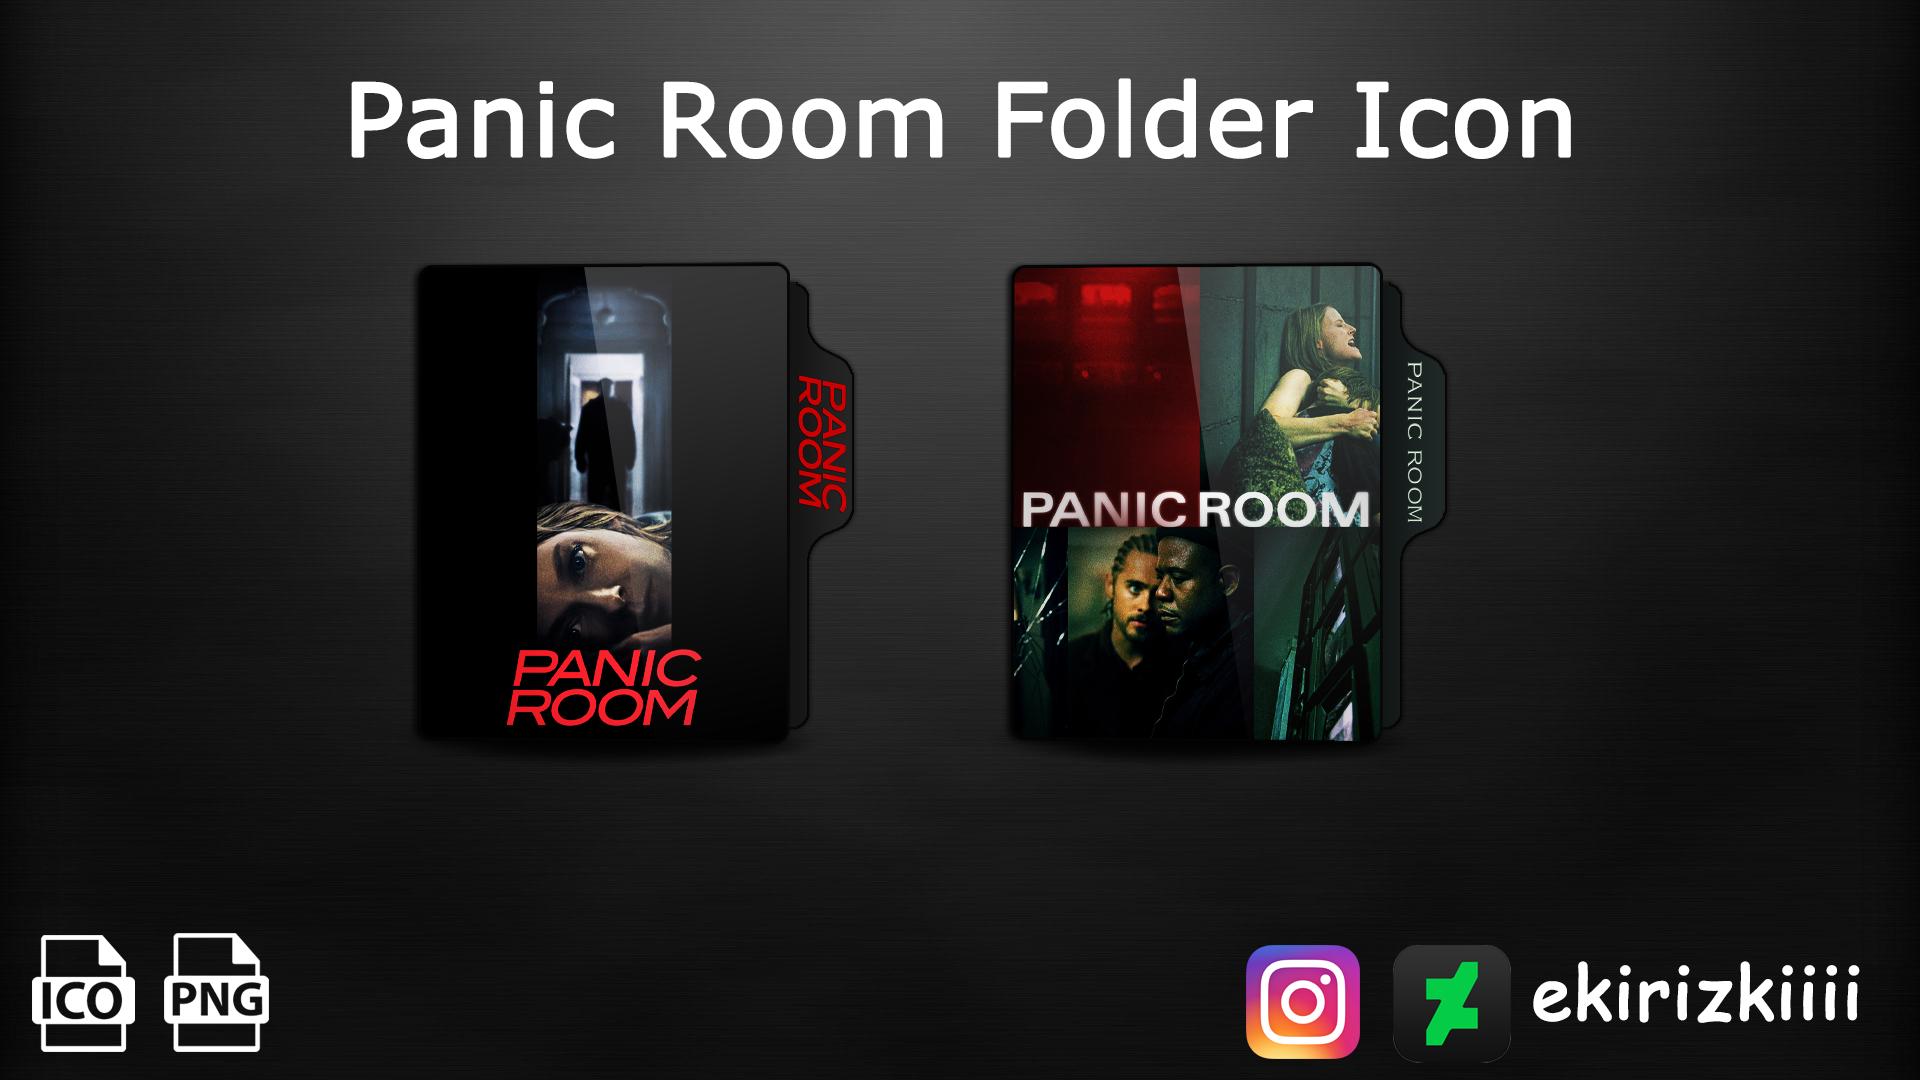 Panic Room 2002 Folder Icon By Ekirizkiiii On Deviantart